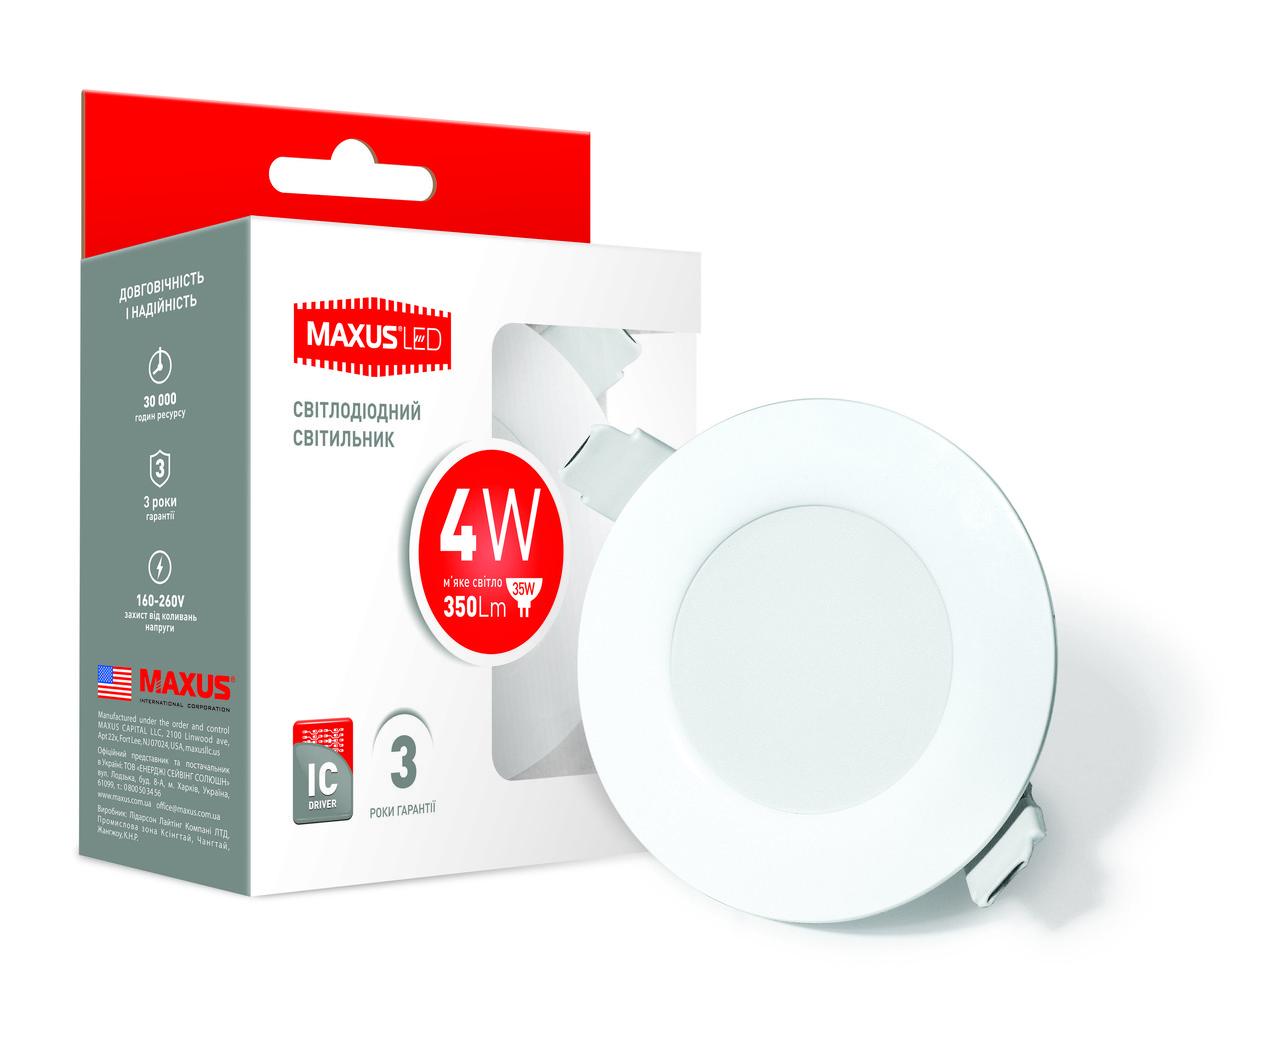 Точечный LED светильник Maxus SDL 4W 3000K